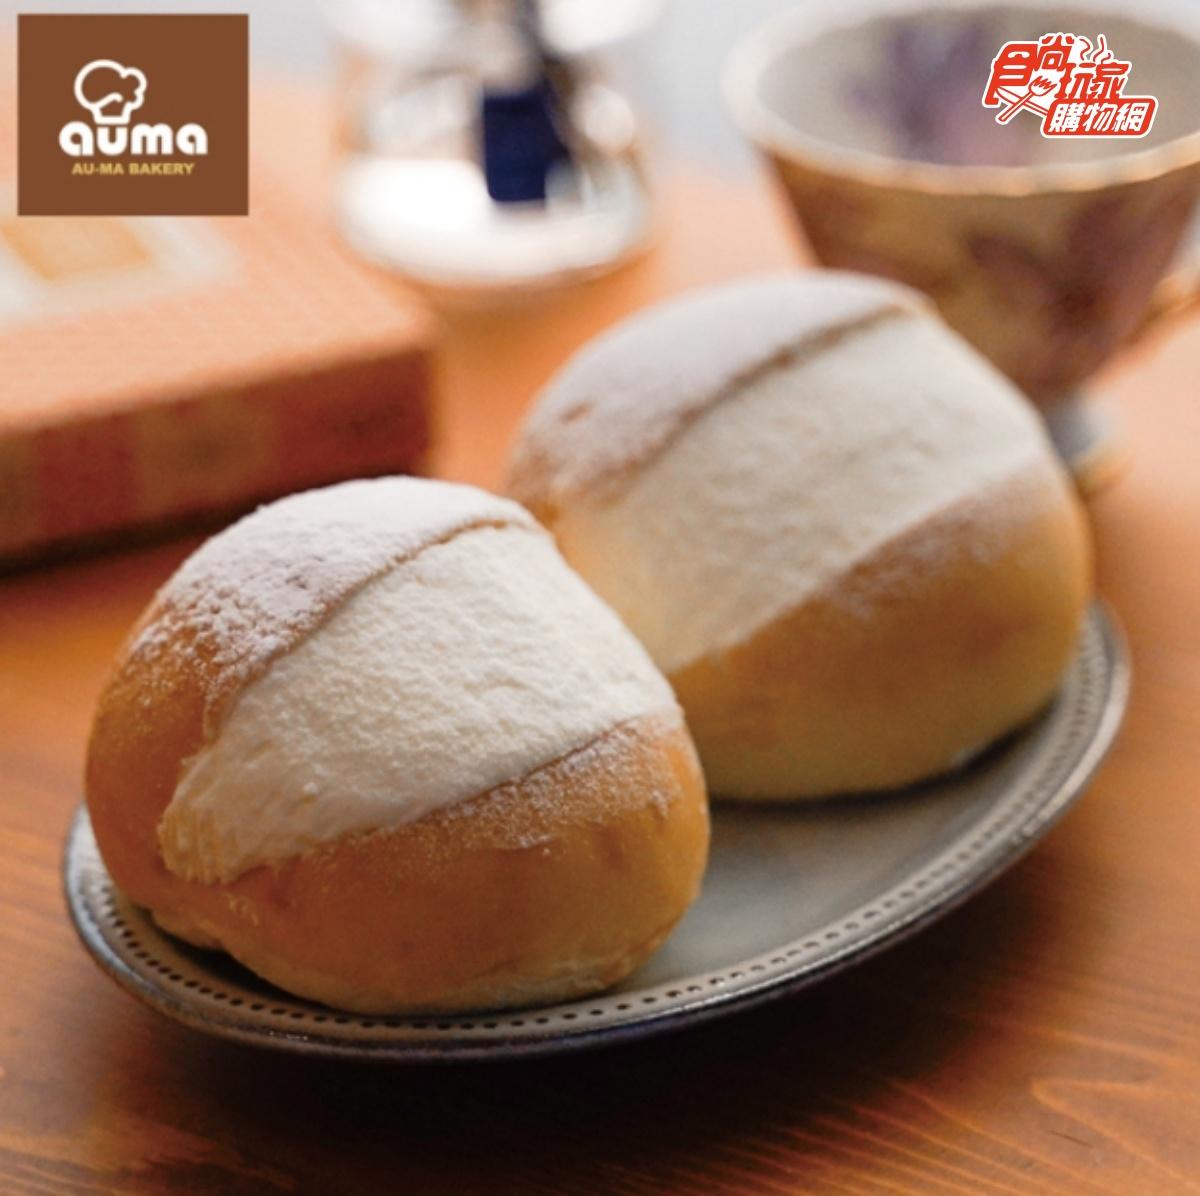 麵包控要收!8家宅配到府烘焙坊:爆漿「裝蒜包」、月賣千條塔帕斯、舊金山酸種貝果